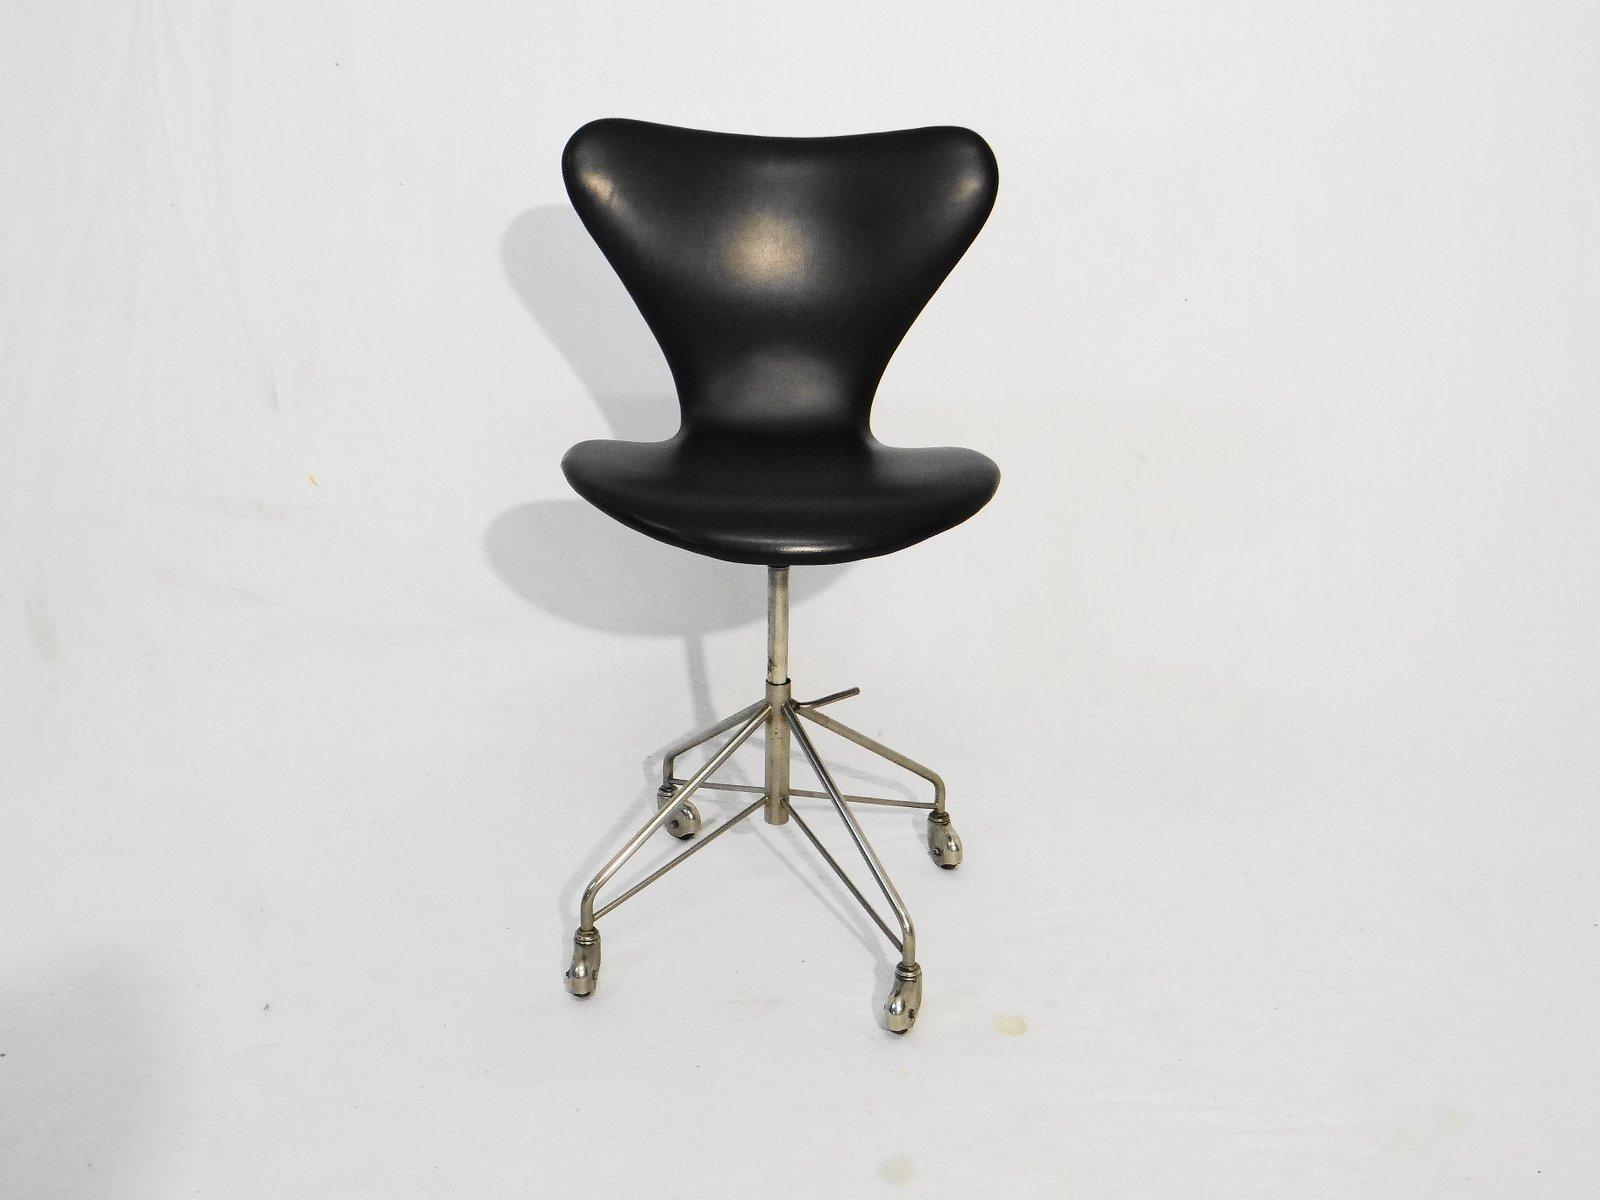 vintage series 7 drehstuhl von arne jacobsen f r fritz hansen bei pamono kaufen. Black Bedroom Furniture Sets. Home Design Ideas